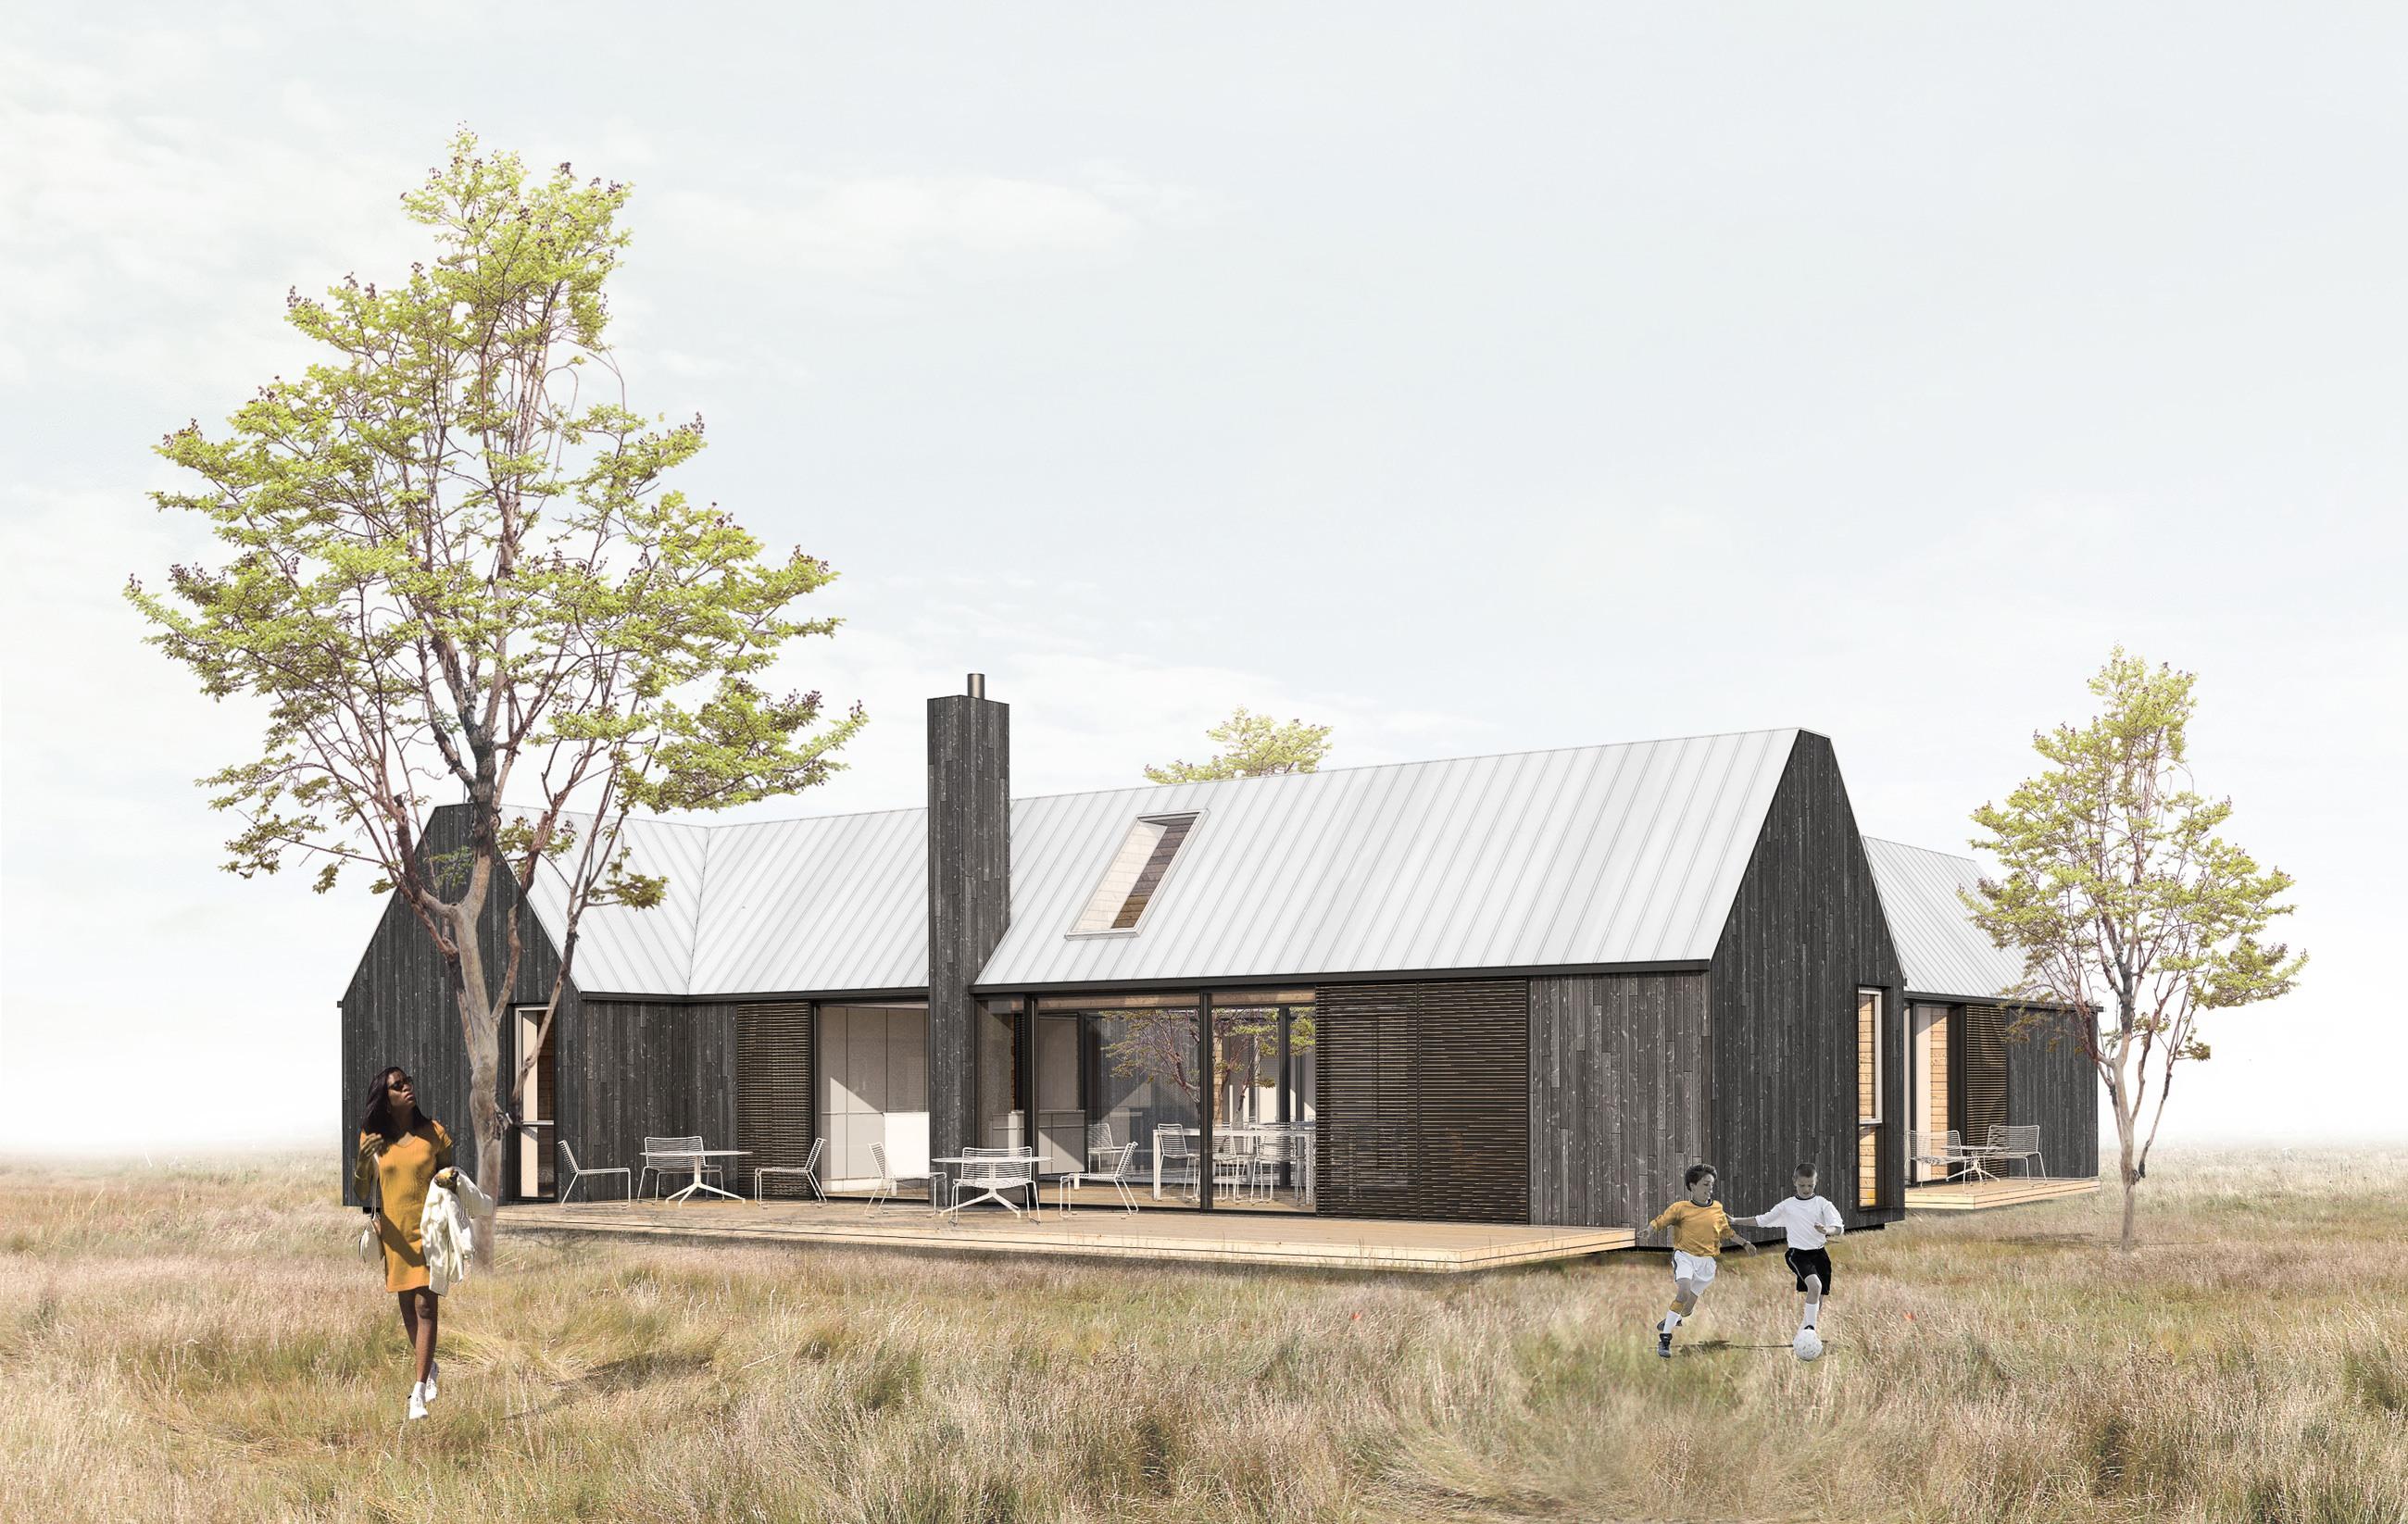 Delesommerhus-ONV-arkitekter-EBK-huse-sommerhus-fællesskab